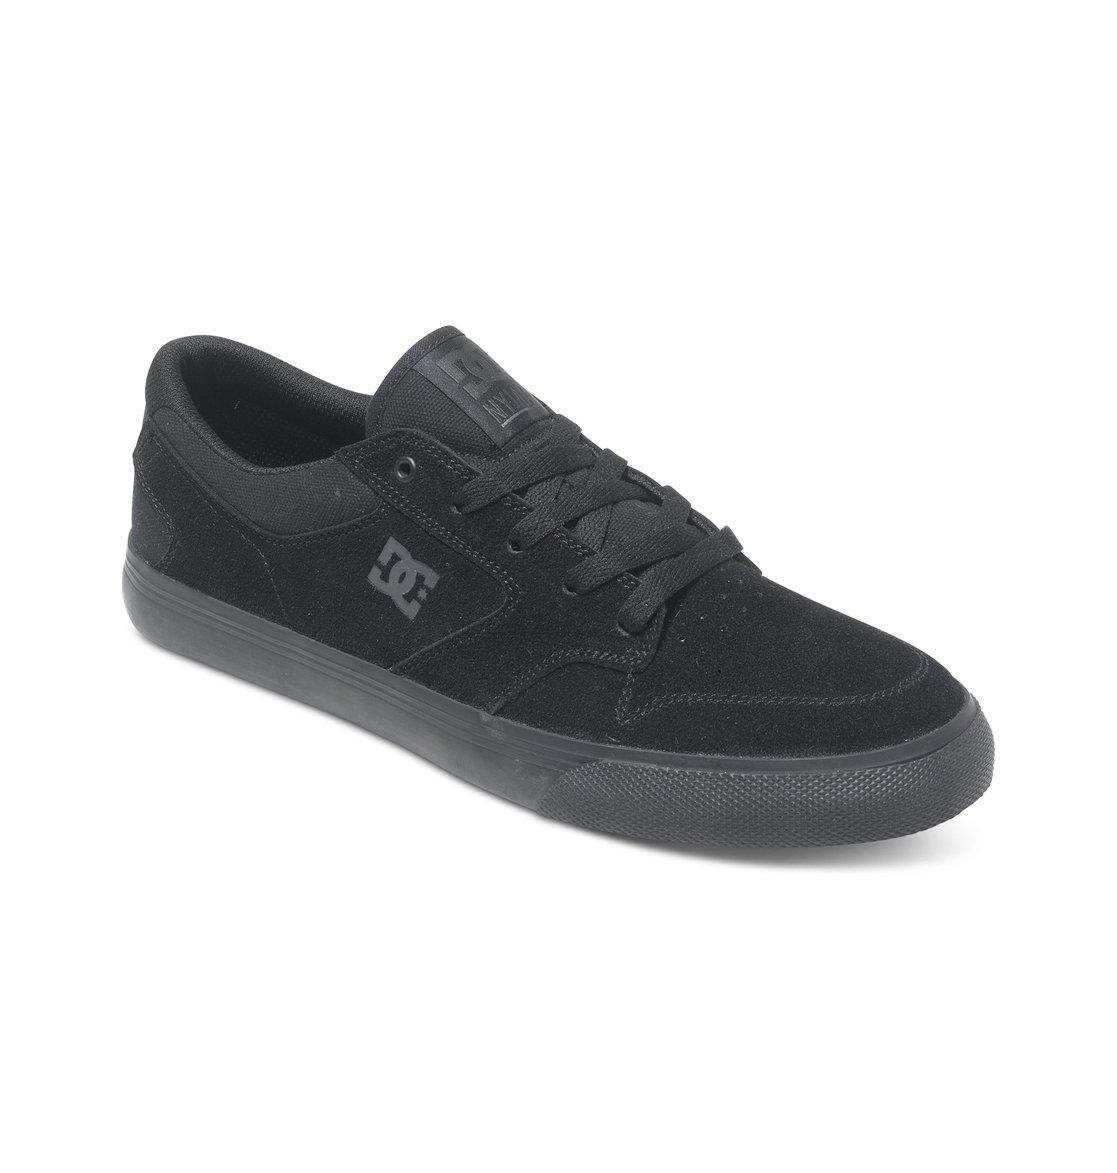 Dc Men S Nyjah Shoes Vulc